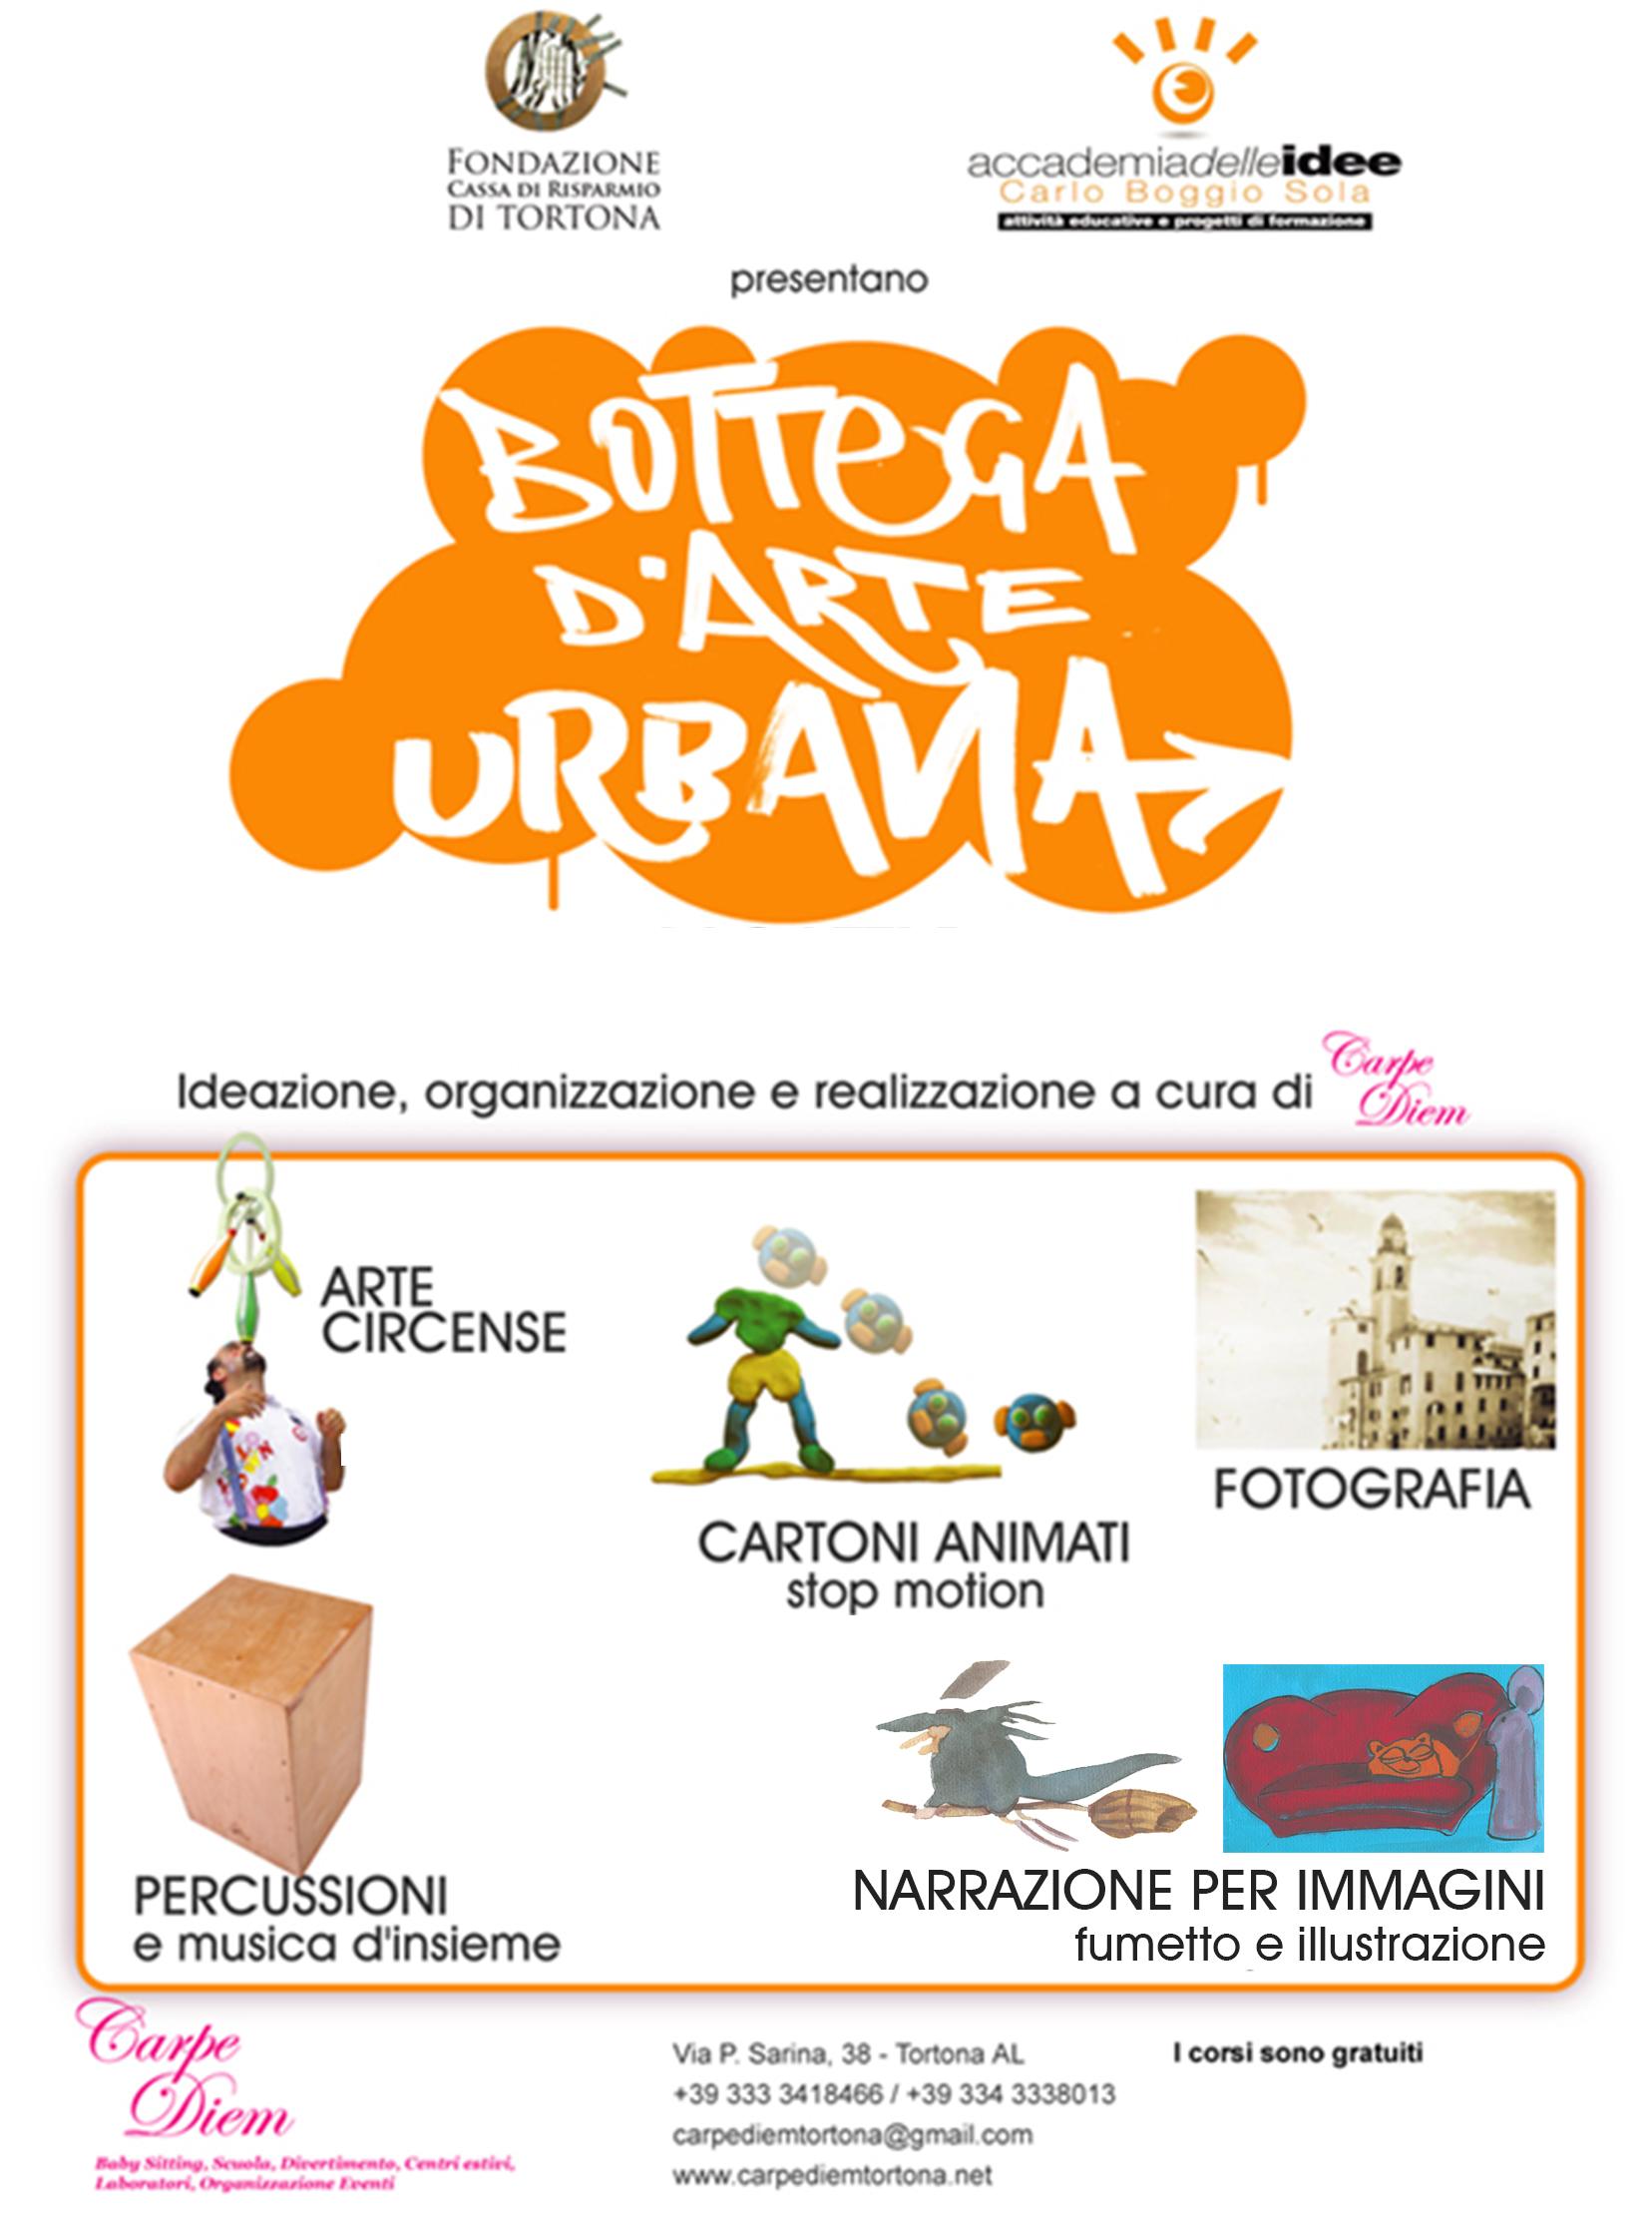 Bottega d'Arte Urbana – Narrazione per Immagini